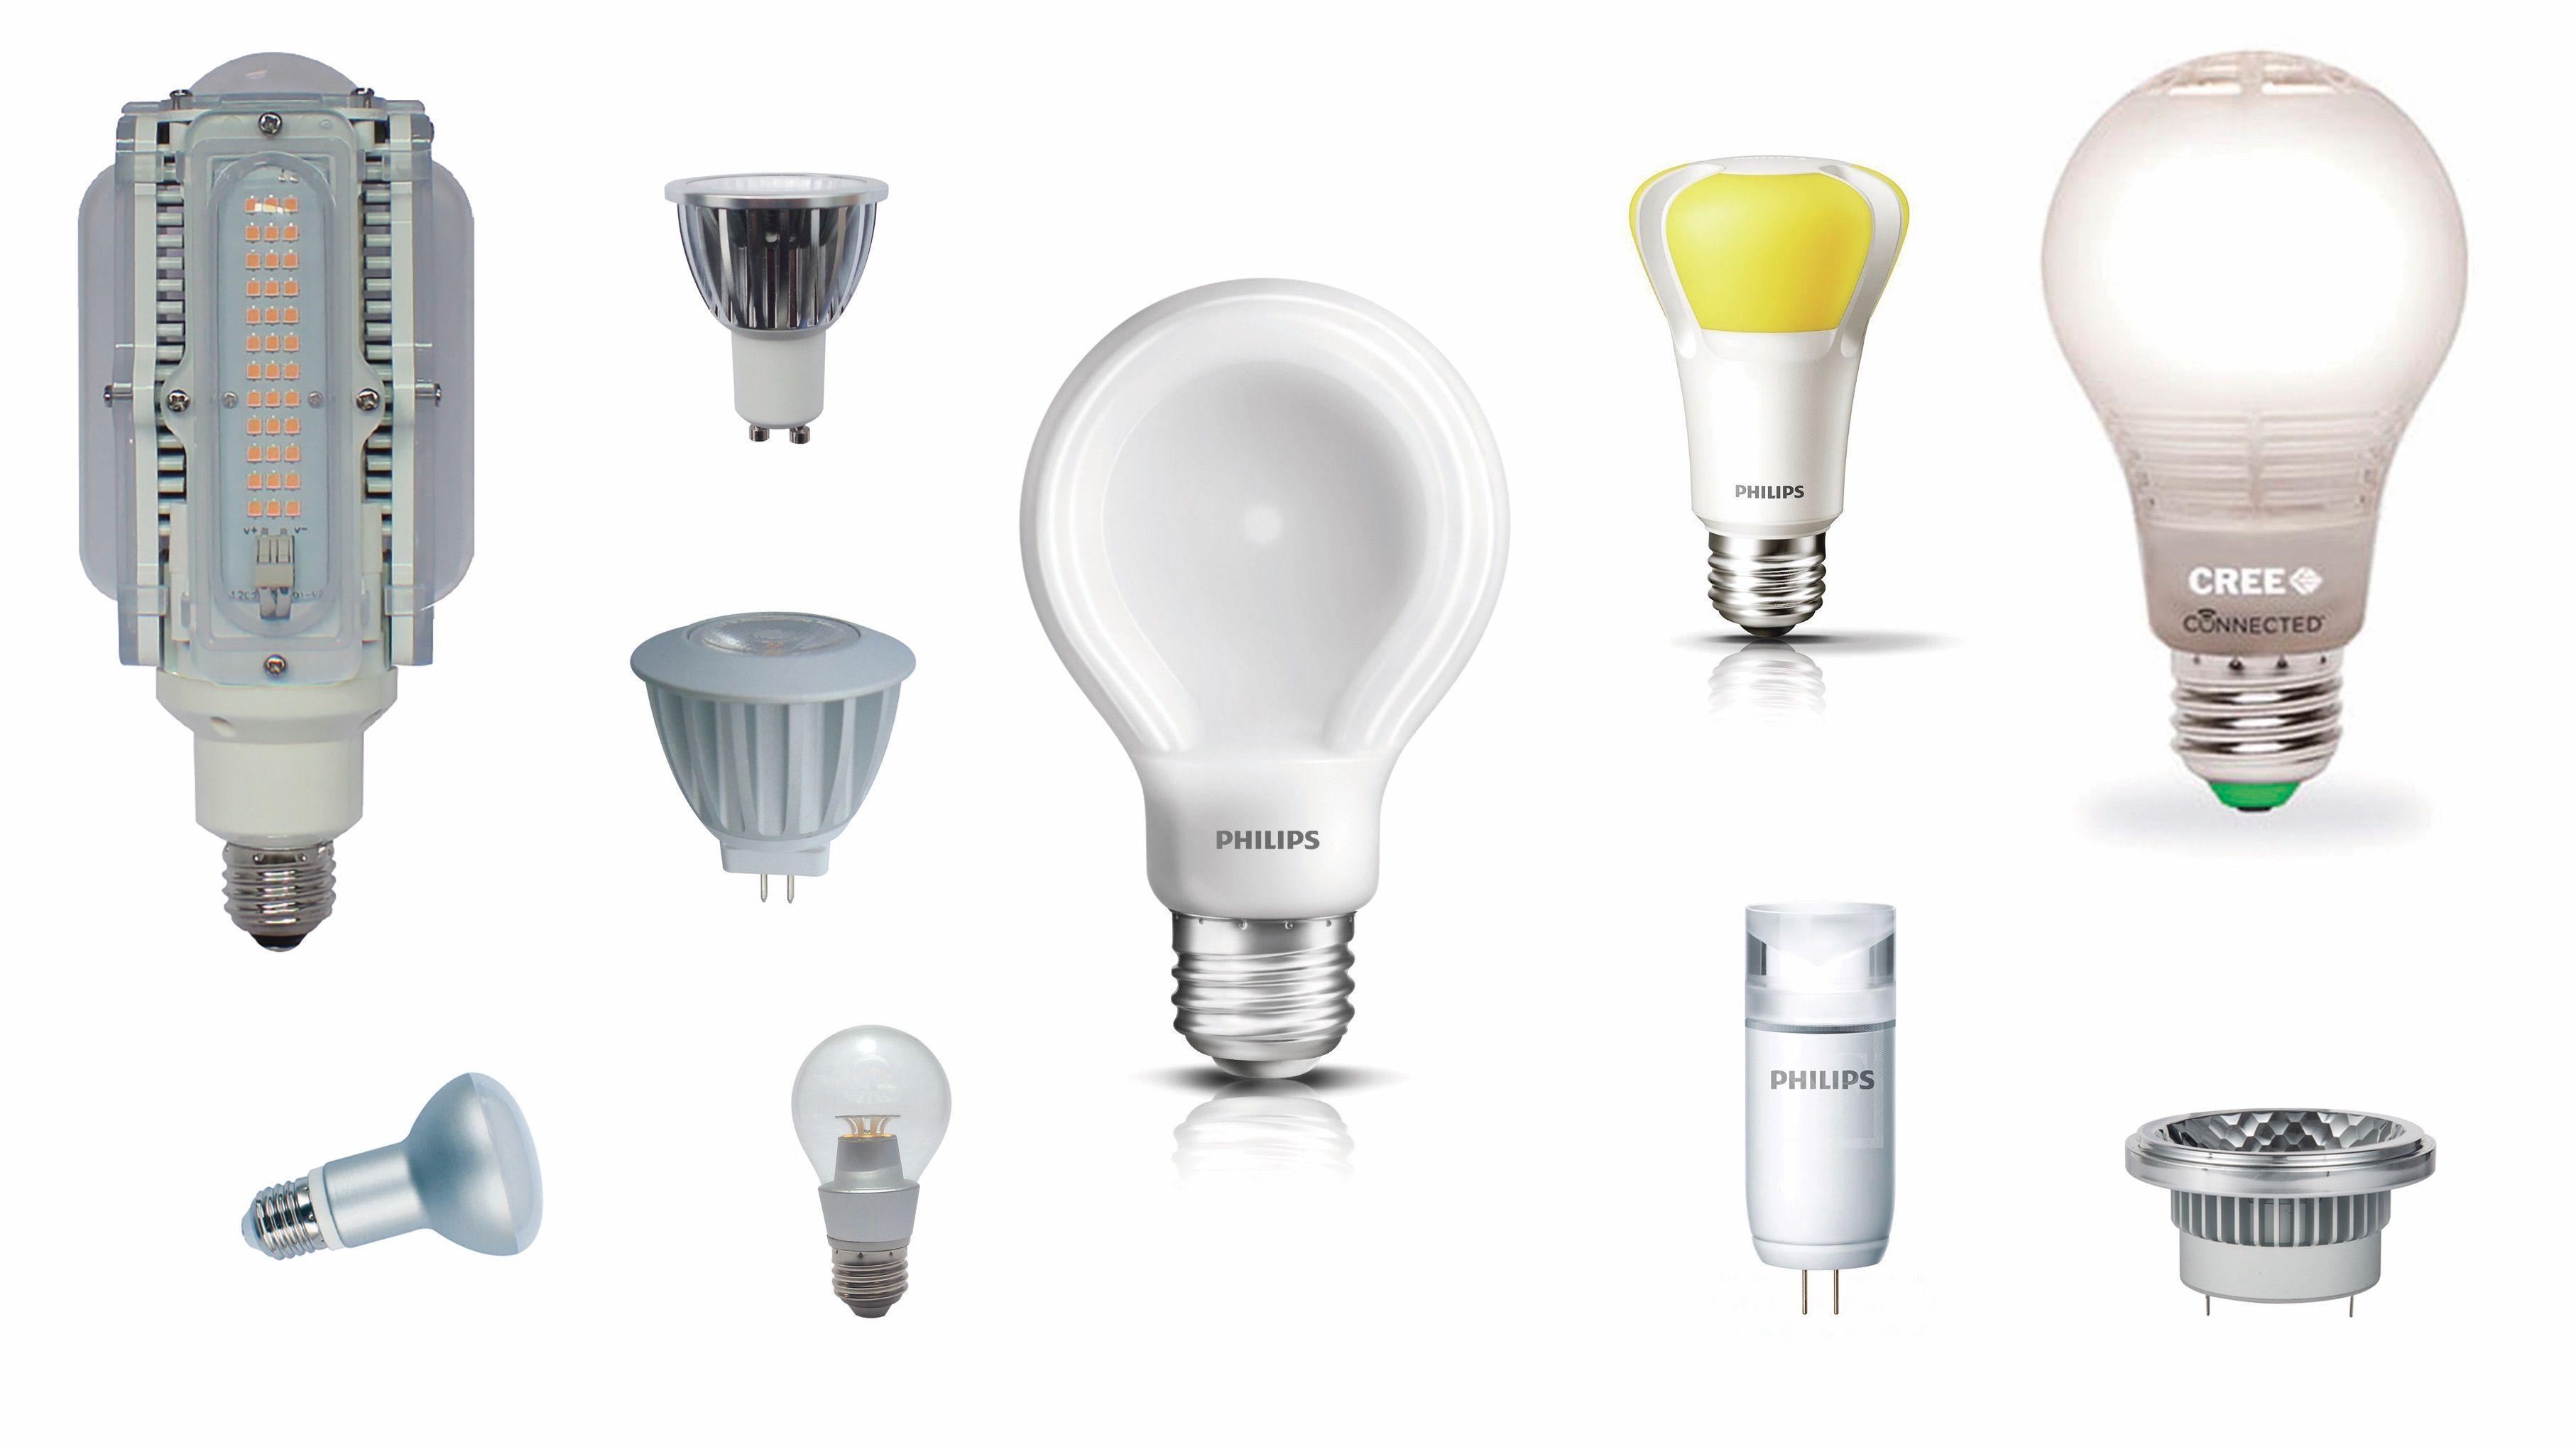 Det er tid til at sige farvel til dine gløde- og halogenpærer. LED pærer kan bruges til erstatning af gamle glødepærer eller sparepærer med godt resultat.   #Philips #GU10 #LED #ledlys #Denmark #ledsection